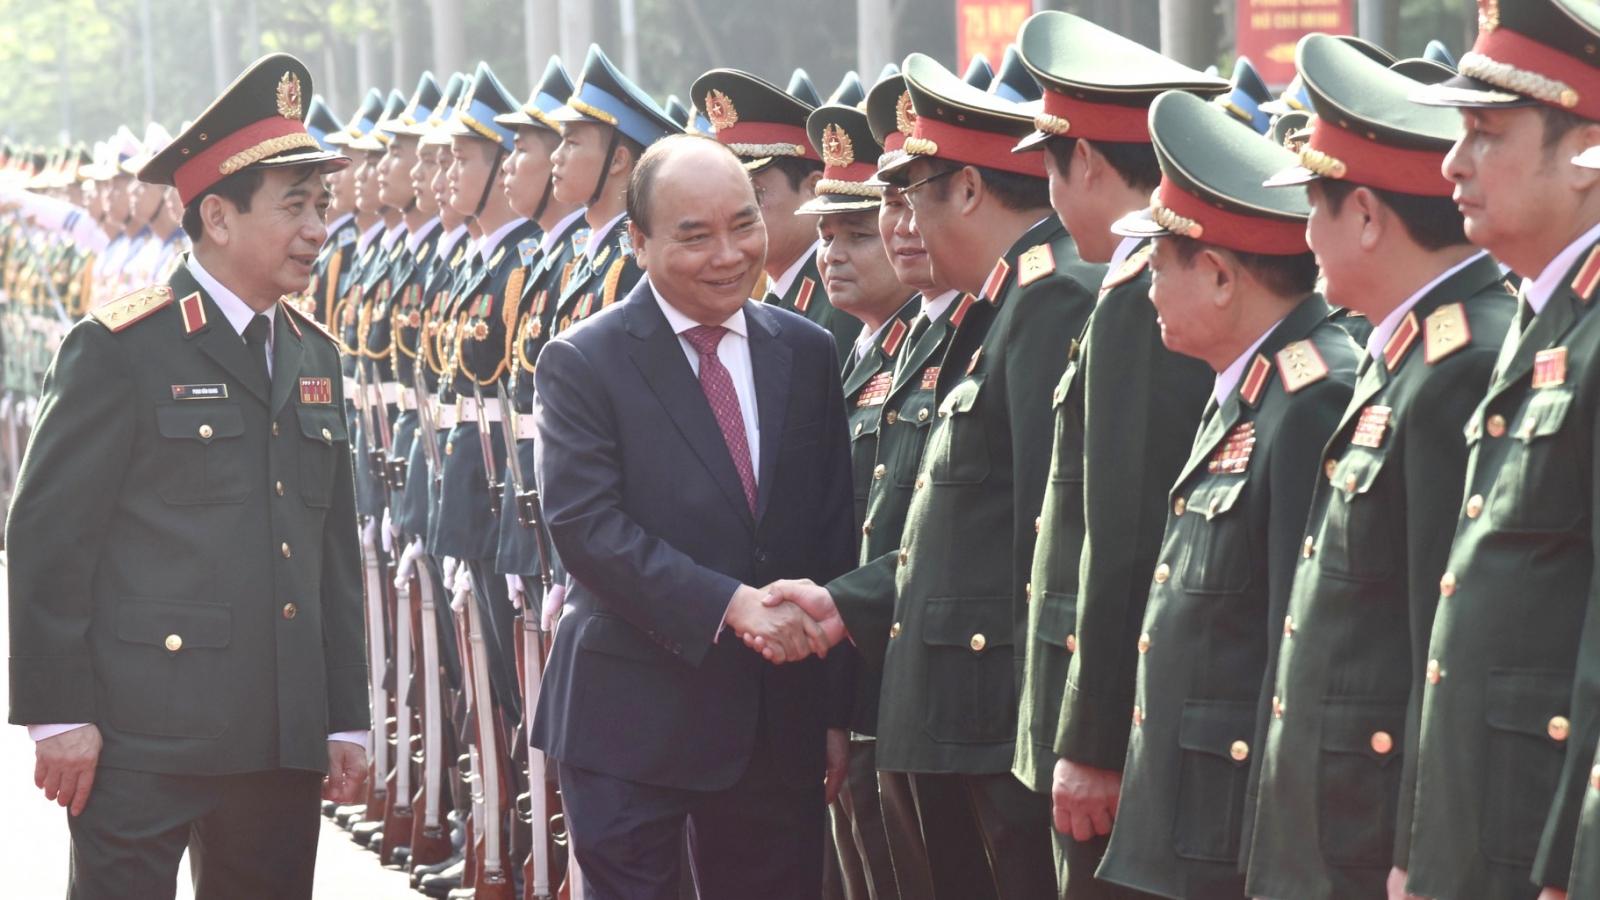 Thủ tướng: Chiến công của Bộ Tổng Tham mưu thể hiện đỉnh cao nghệ thuật quân sự